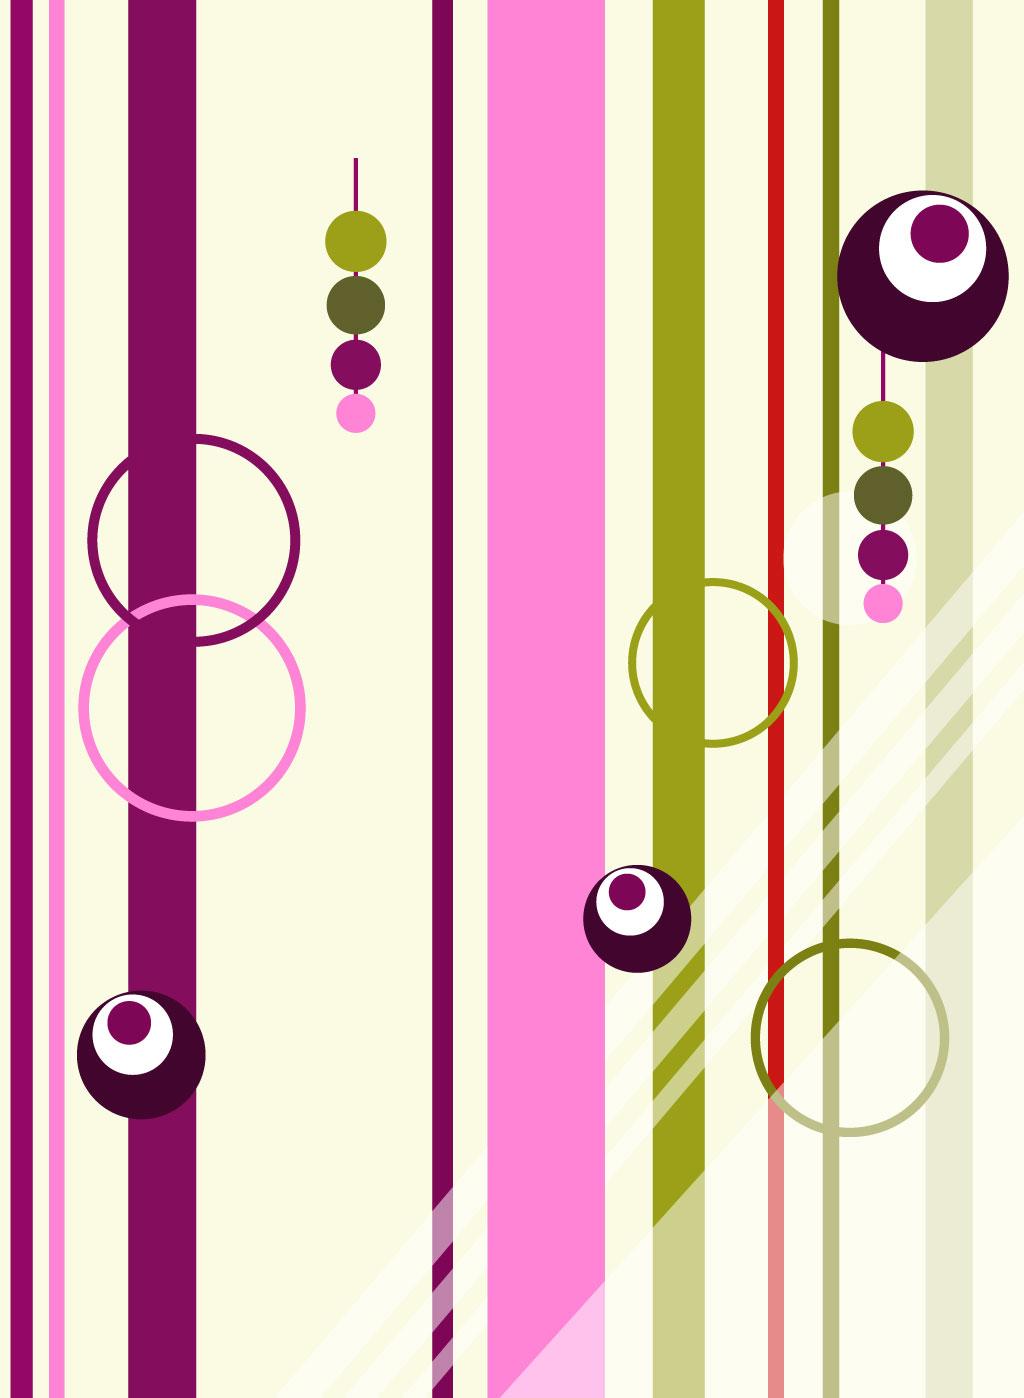 Vertical Line Design : Vertical stripes design